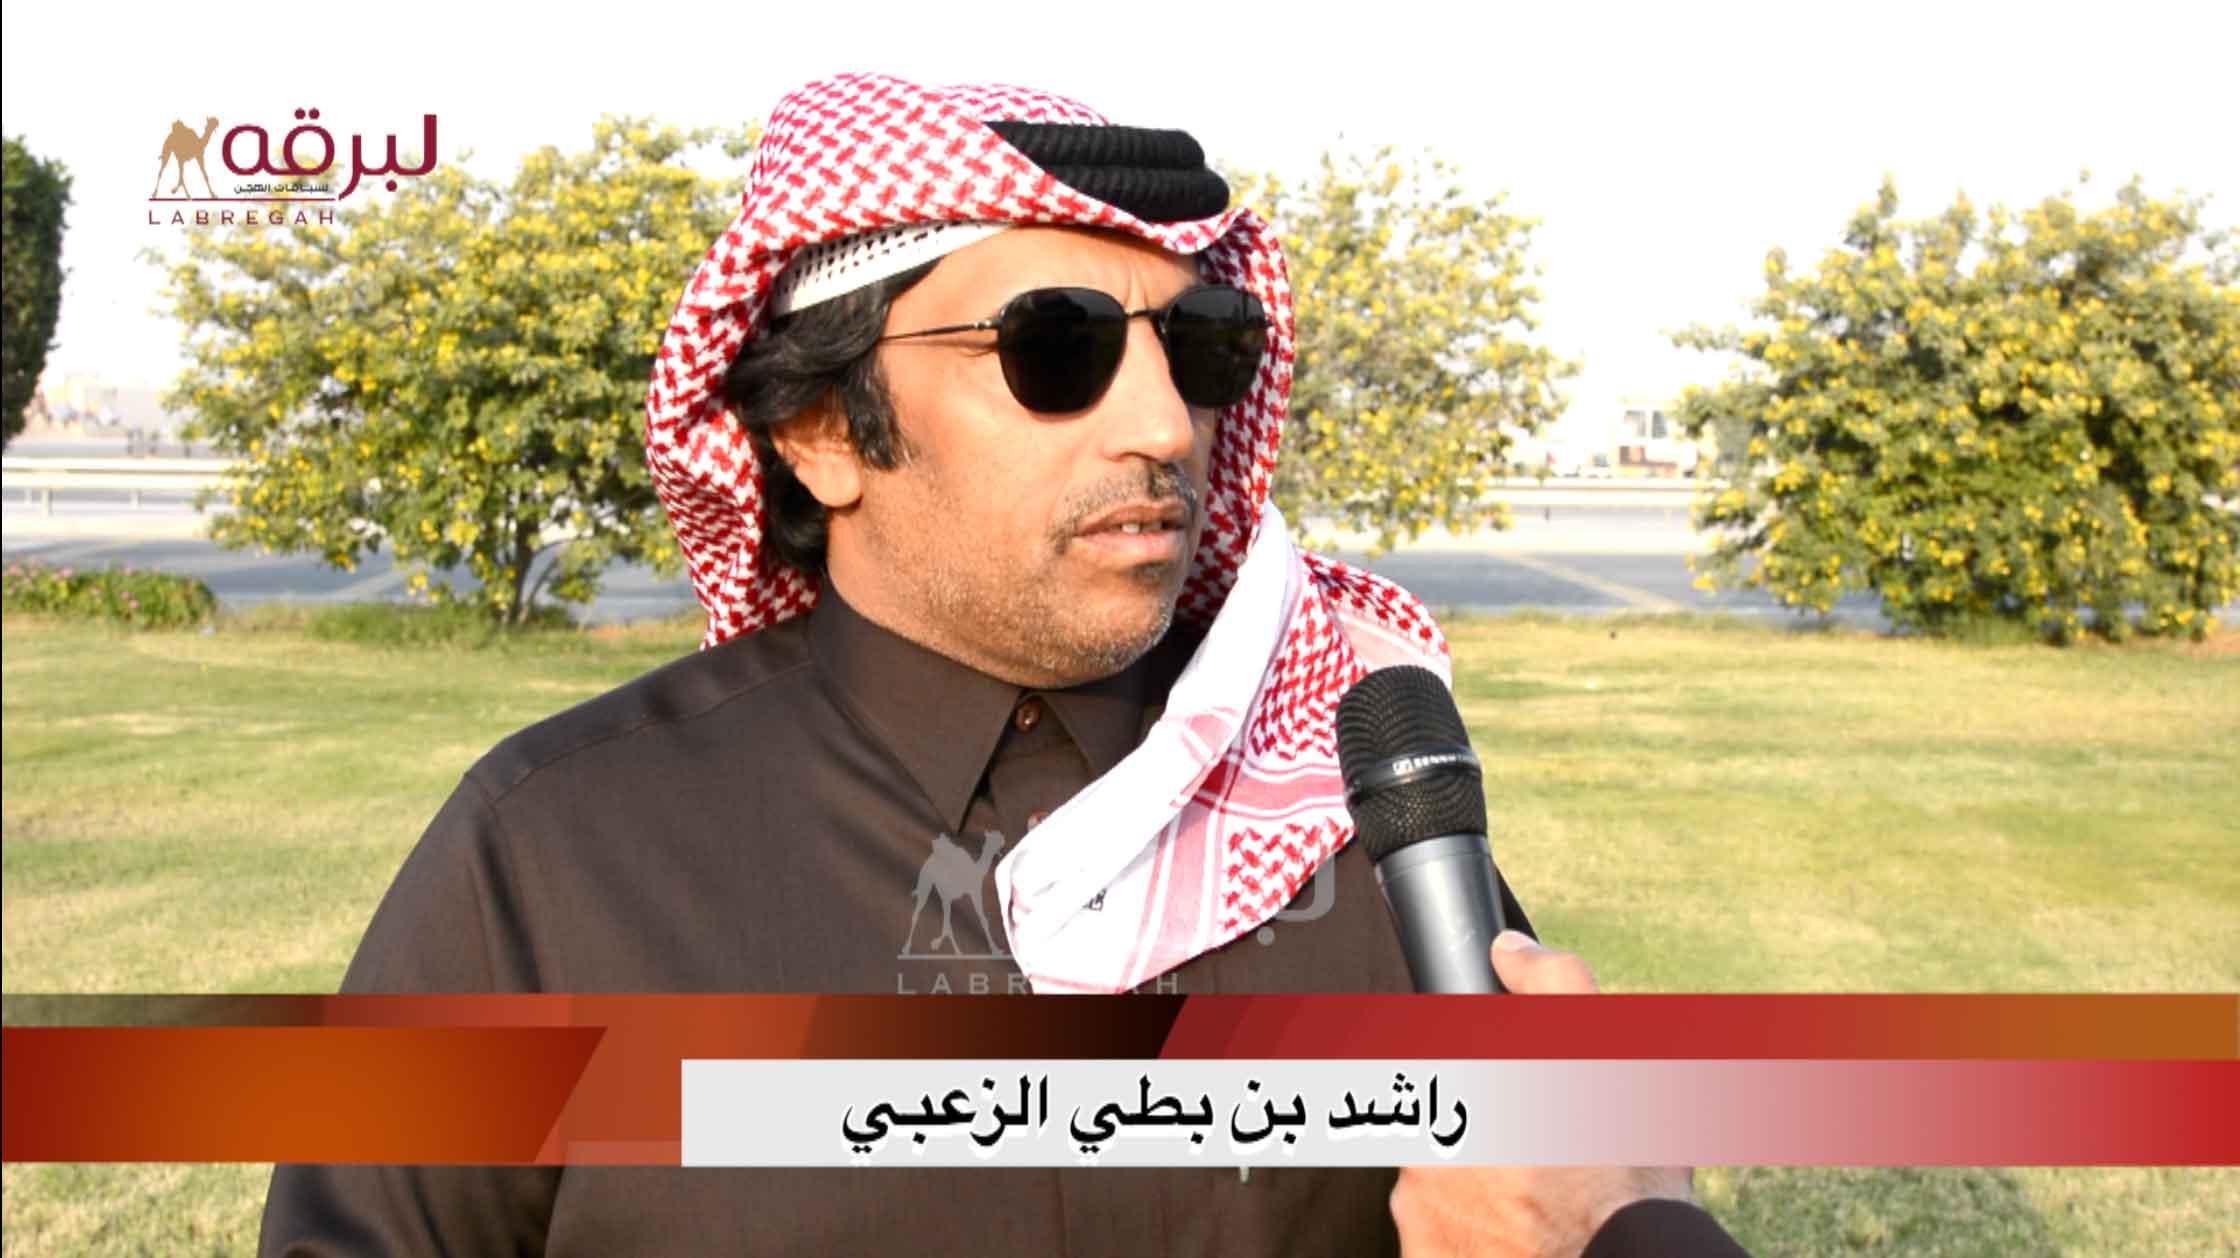 لقاء مع المضمر/ راشد بن بطي الزعبي.. الخنجر الذهبي للحقايق قعدان « مفتوح » الأشواط المفتوحة  ١٦-١-٢٠٢١